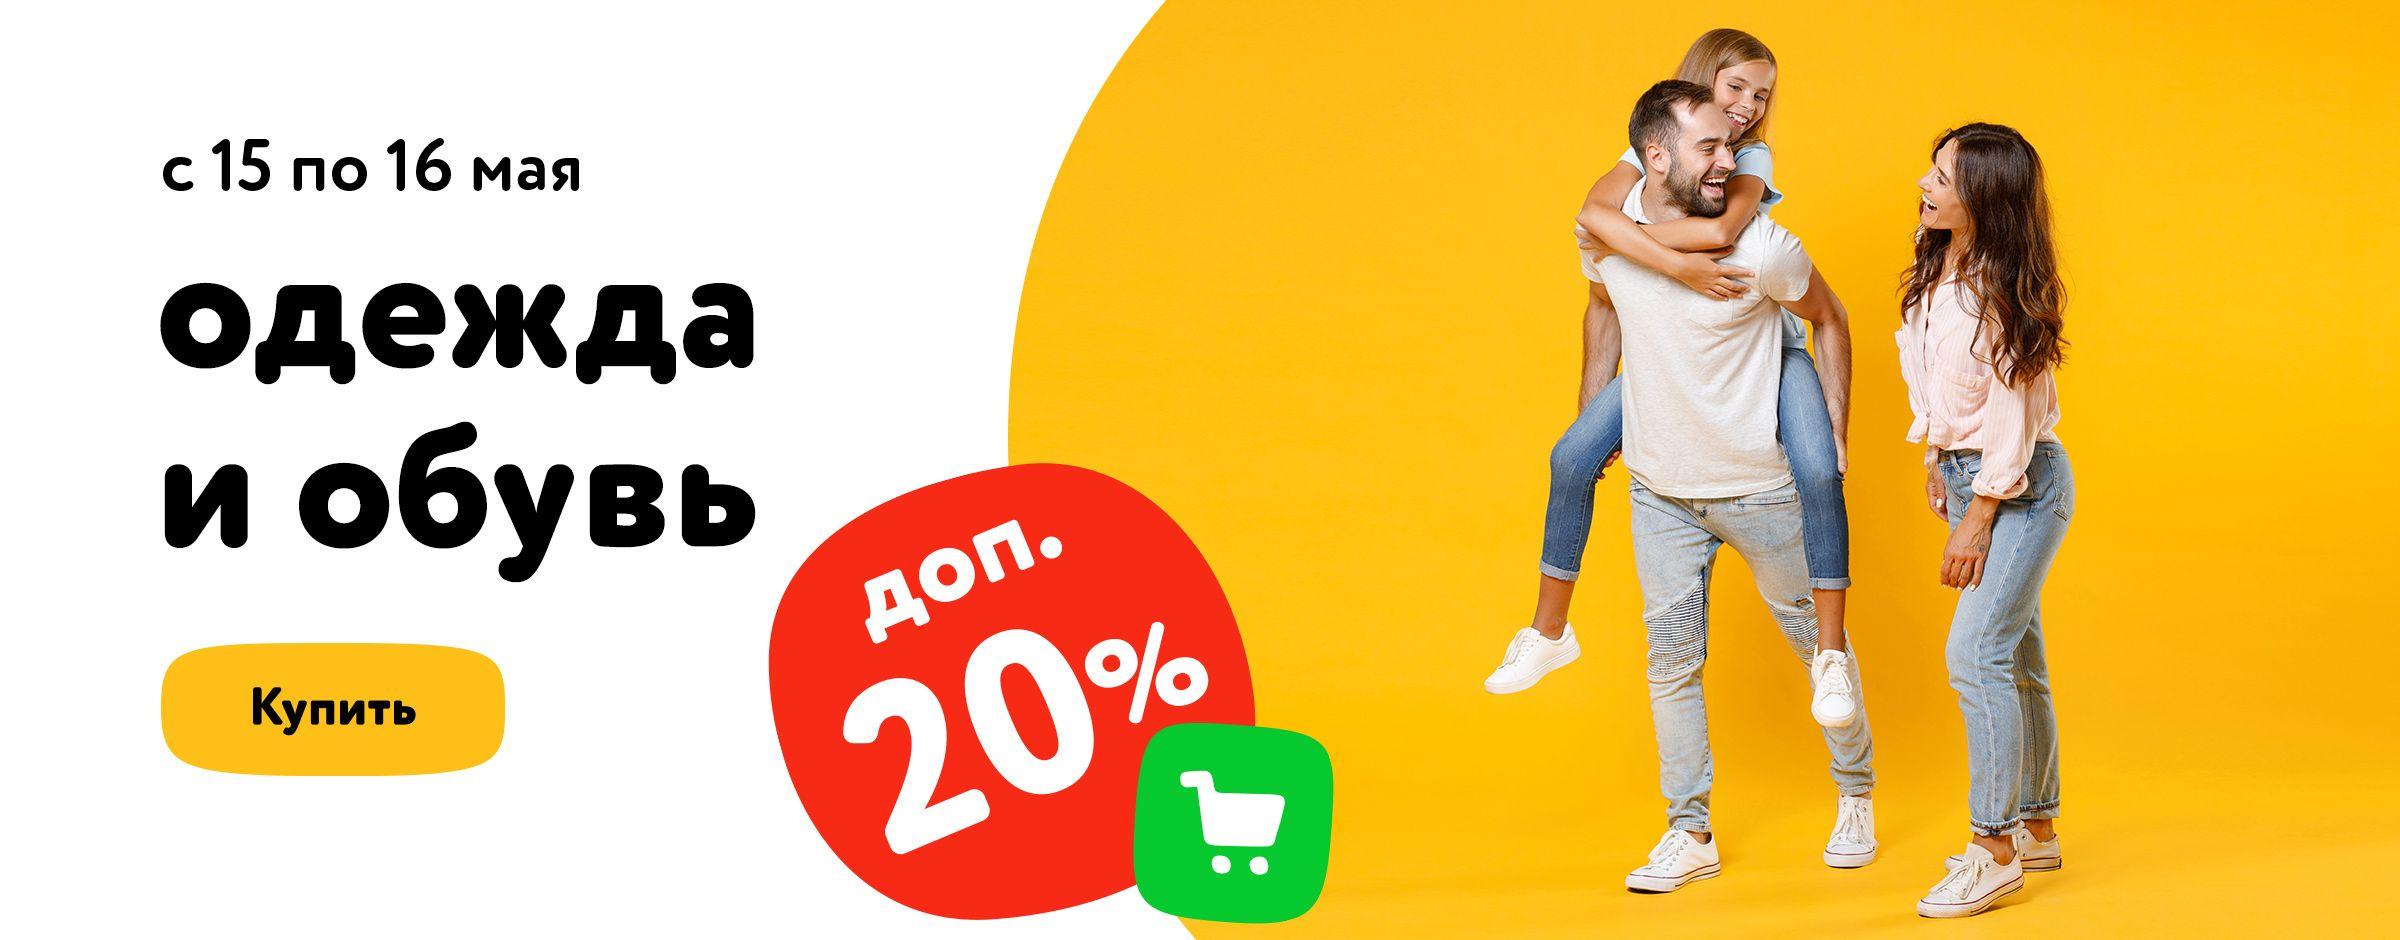 Доп. скидка 20% на одежду и обувь из выделенного ассортимента в корзине